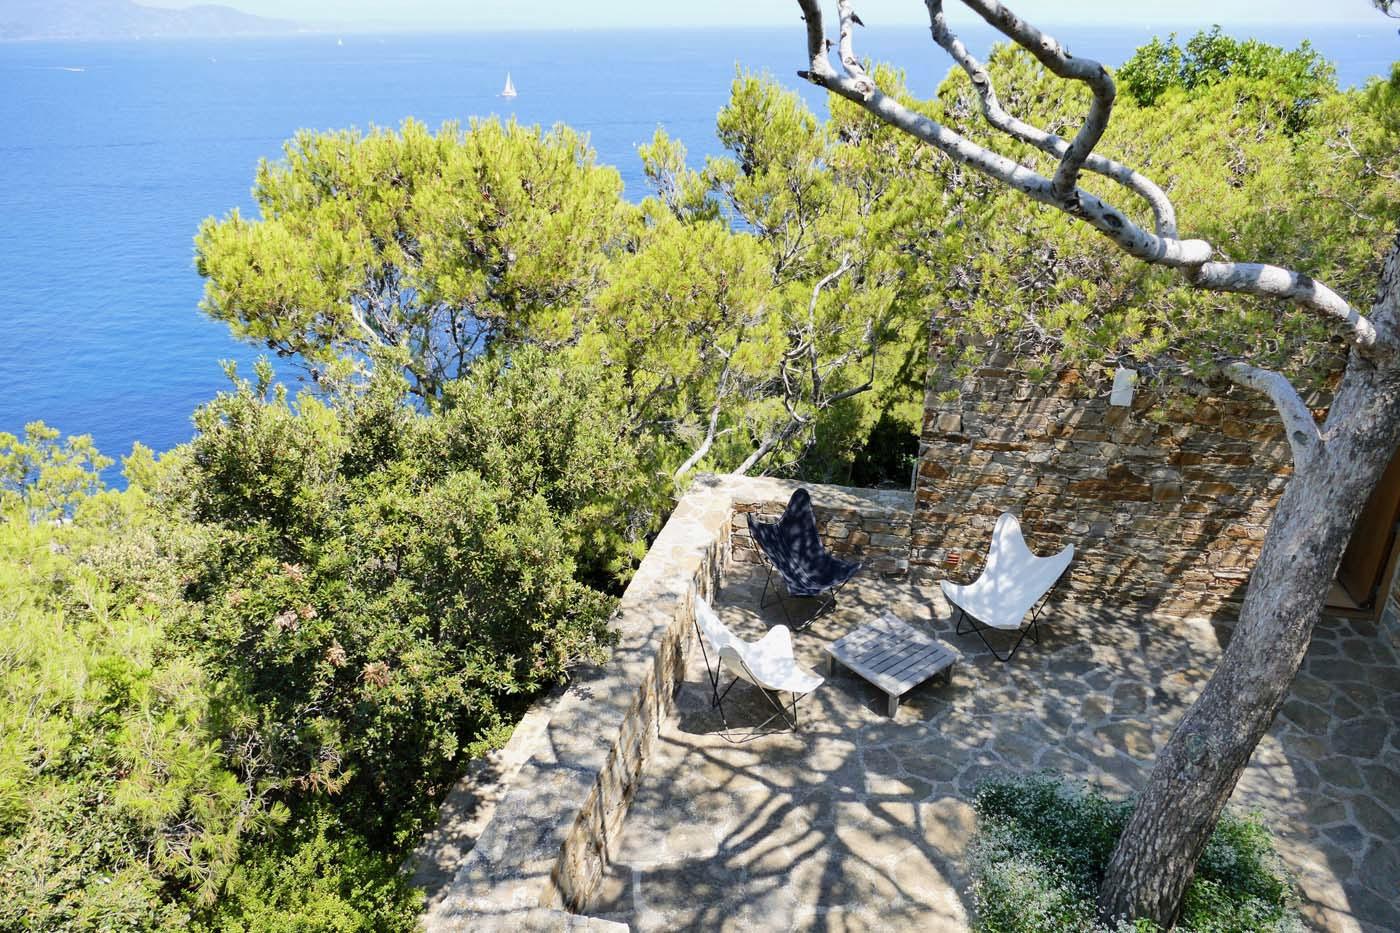 Clifftop Cap-Bénat villa has dramatic views of the Mediterranean